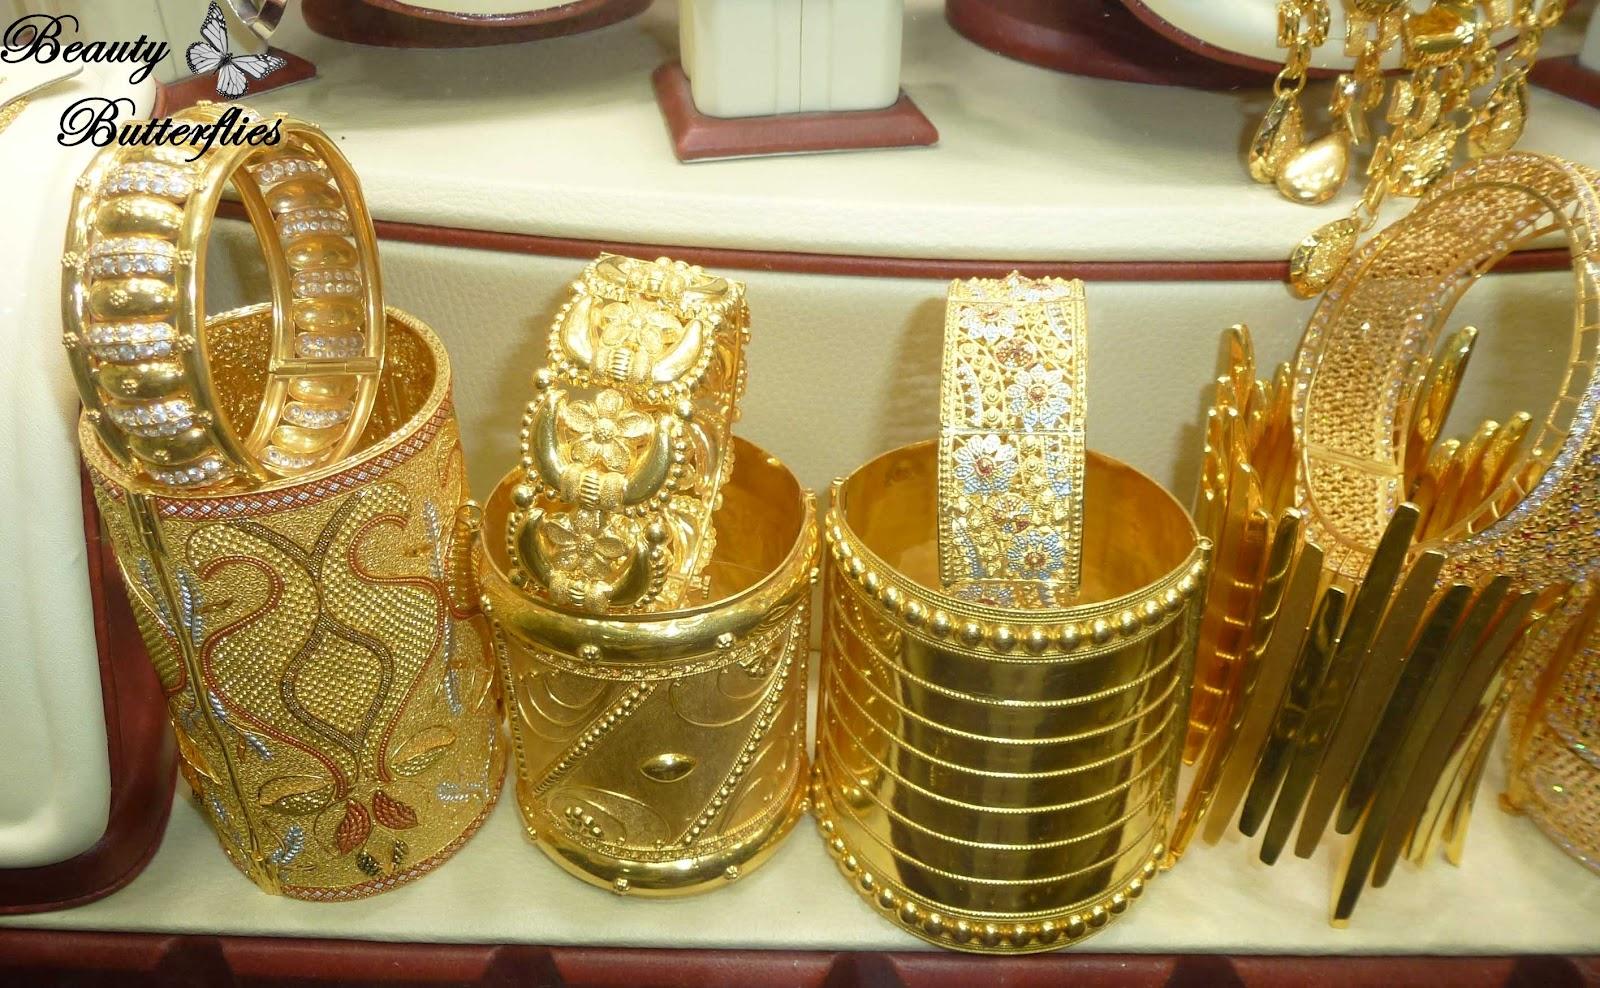 Gold Schmuck Dubai Beliebtester Schmuck